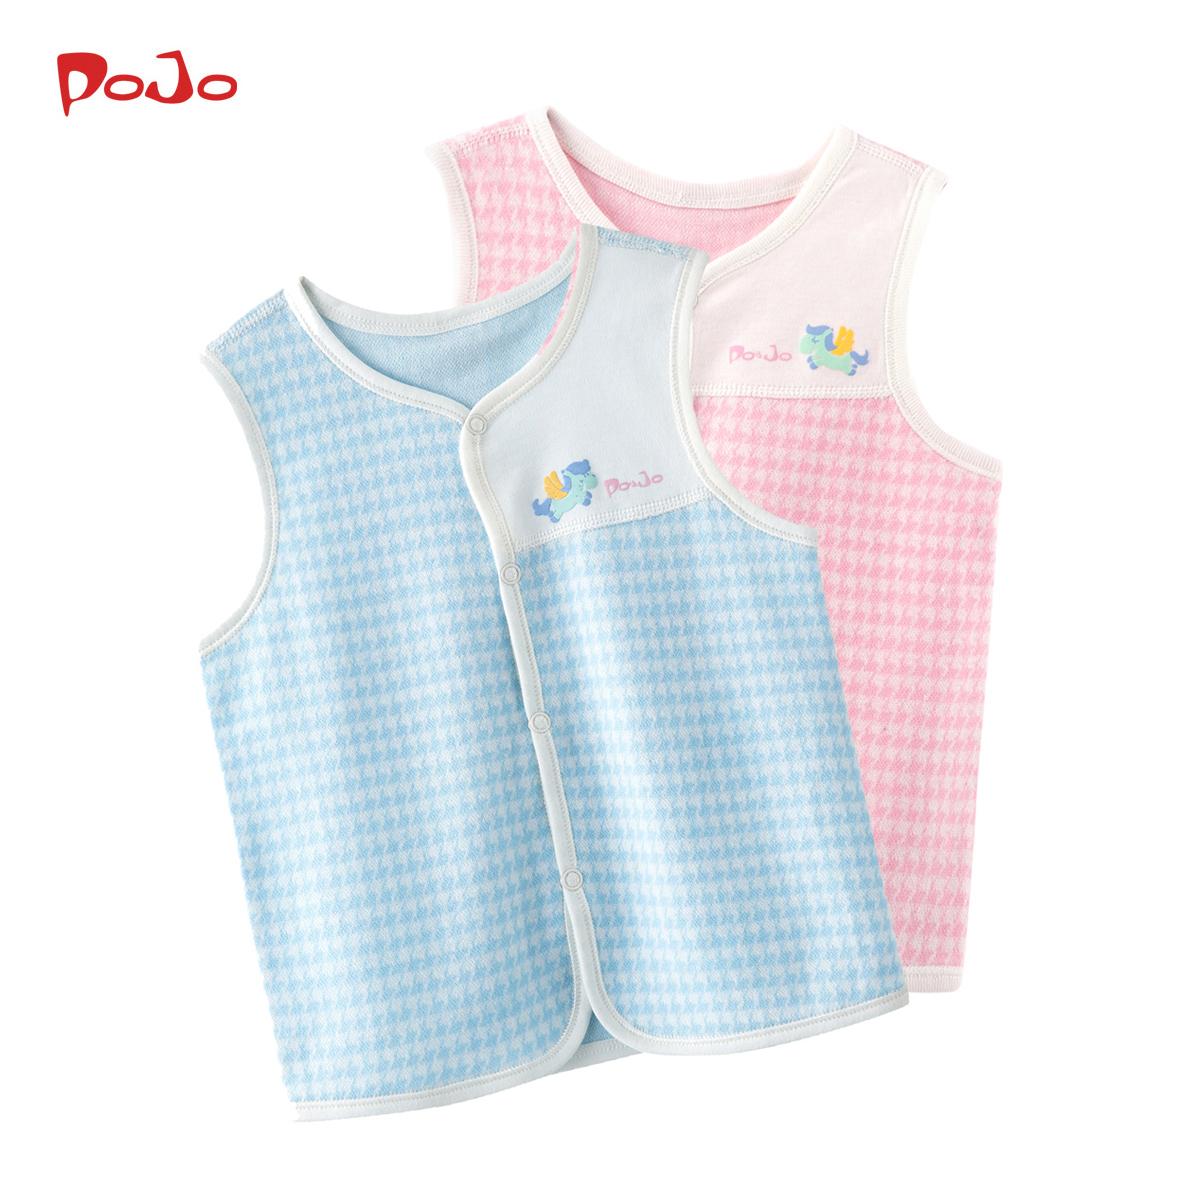 皮偌喬秋裝嬰幼兒童嬰兒衣服新生兒寶寶小馬甲背心春秋純棉